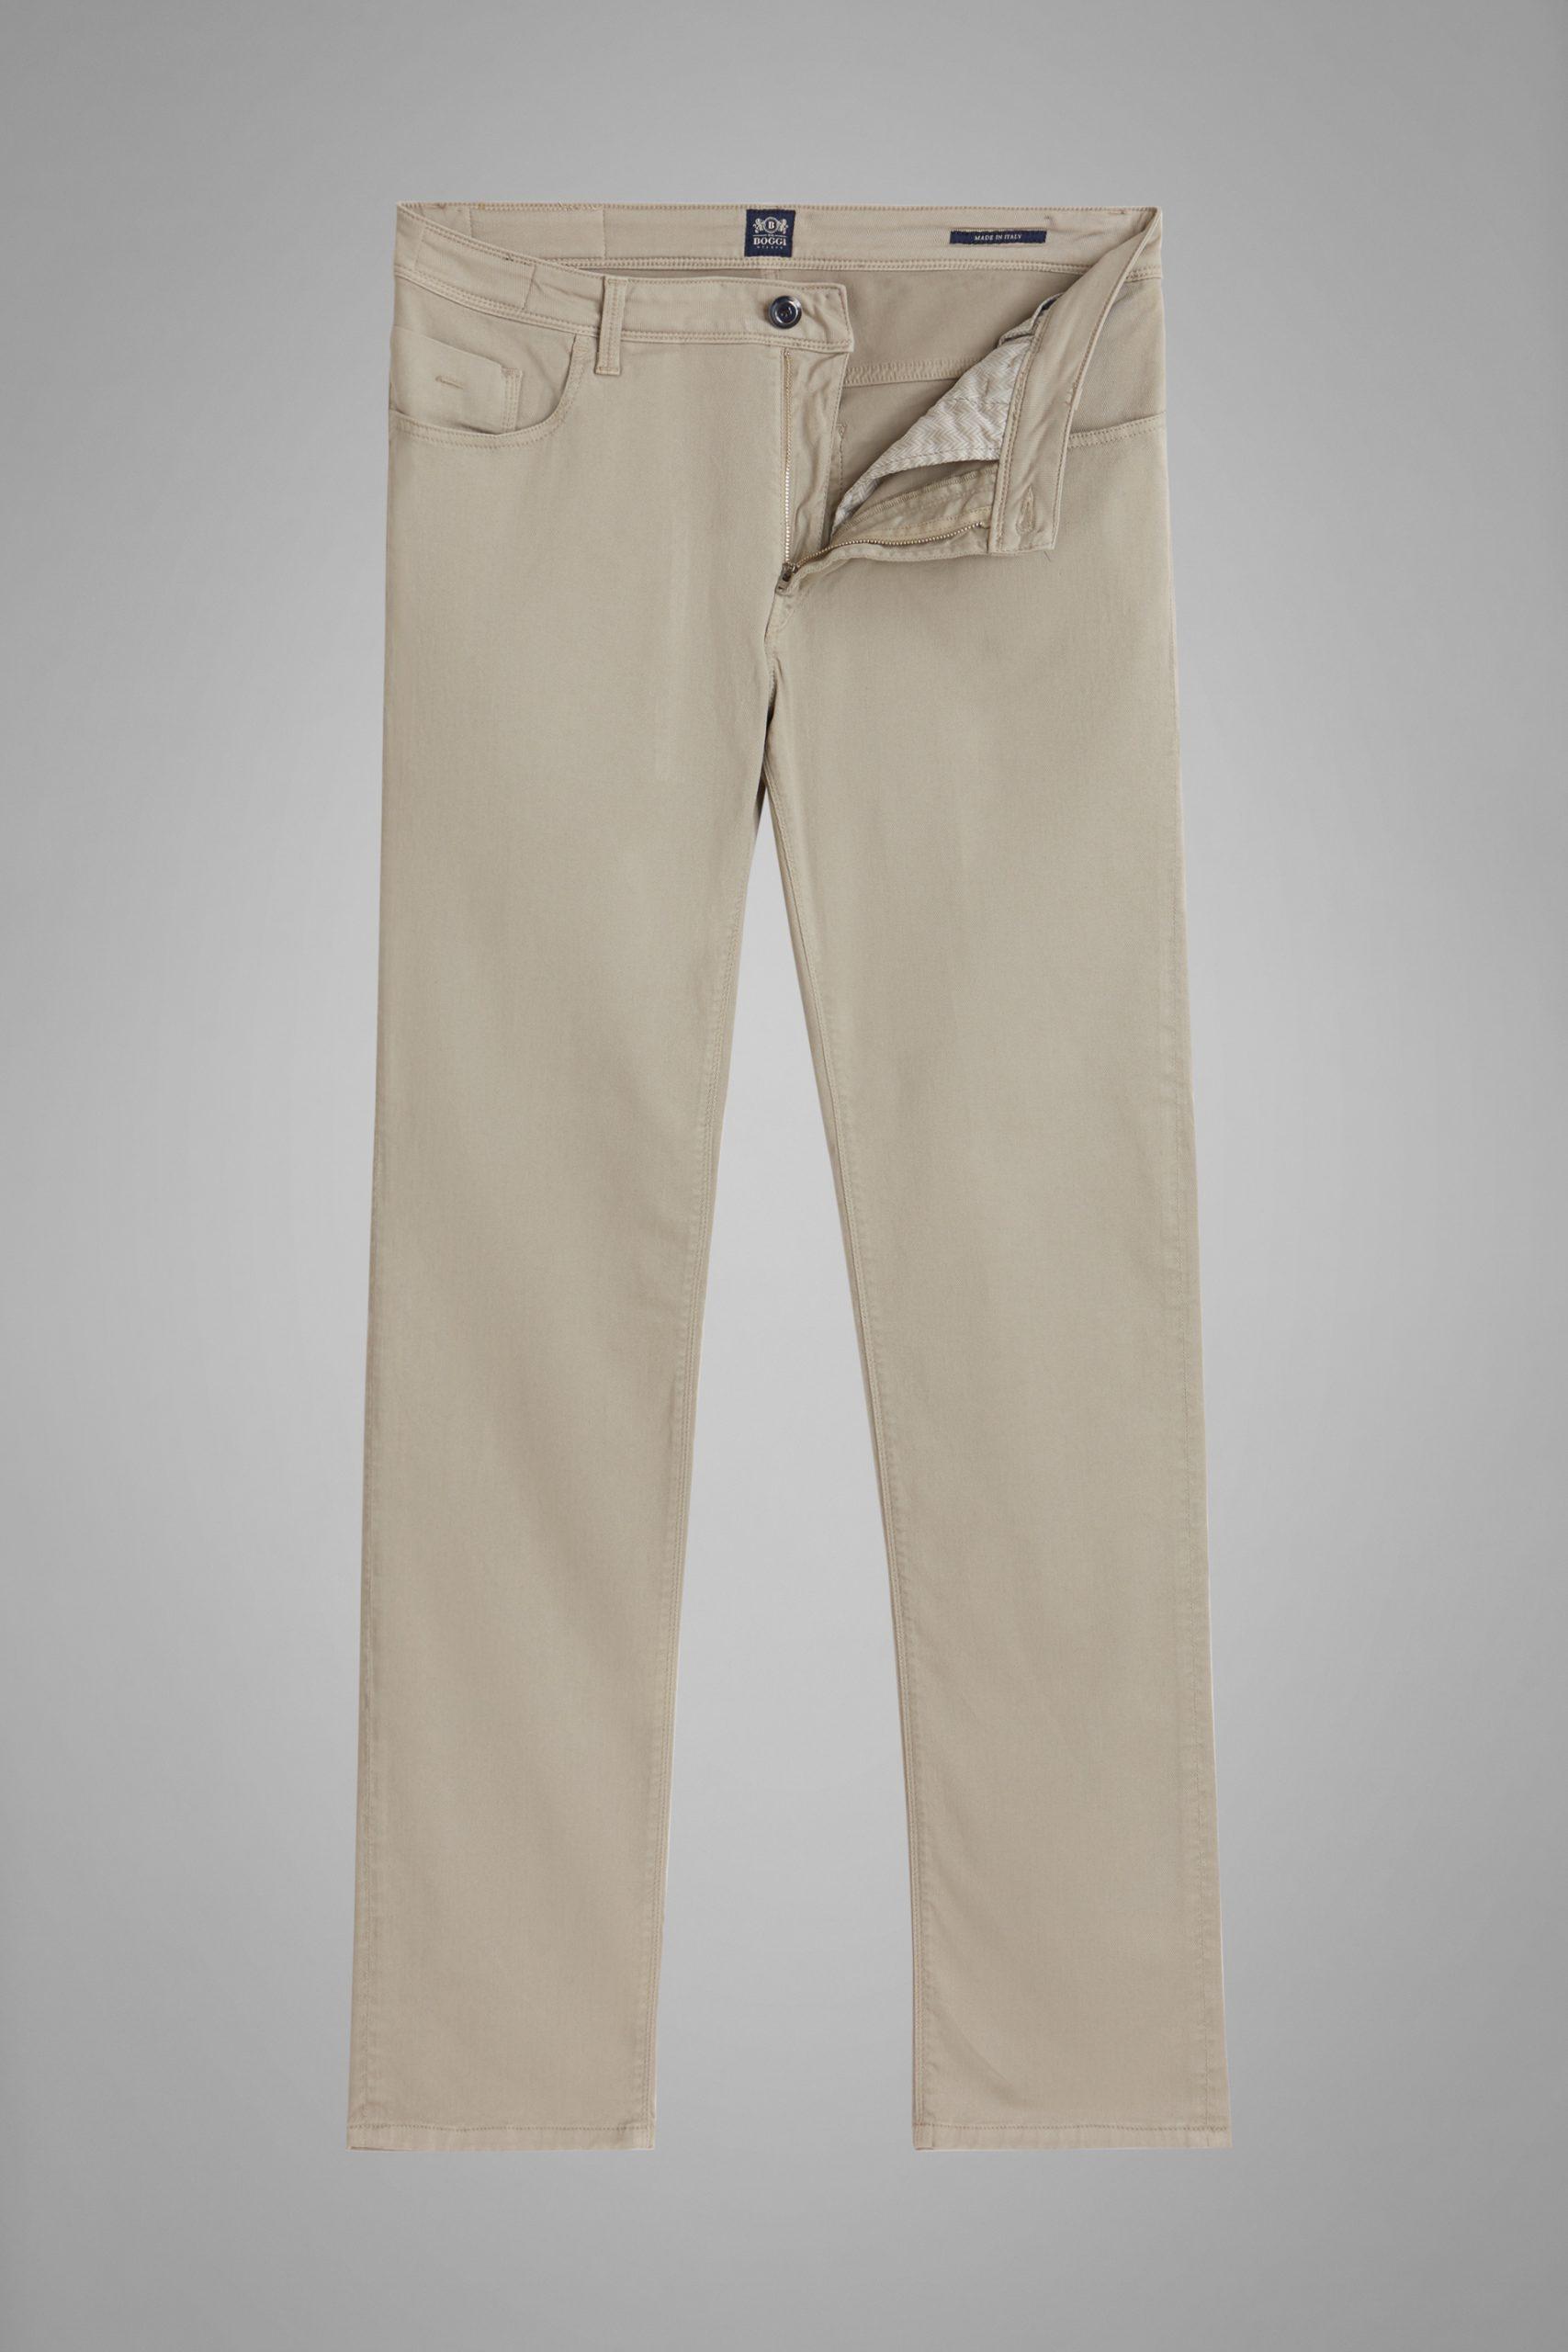 Pantaloni da uomo in colore Beige in materiale